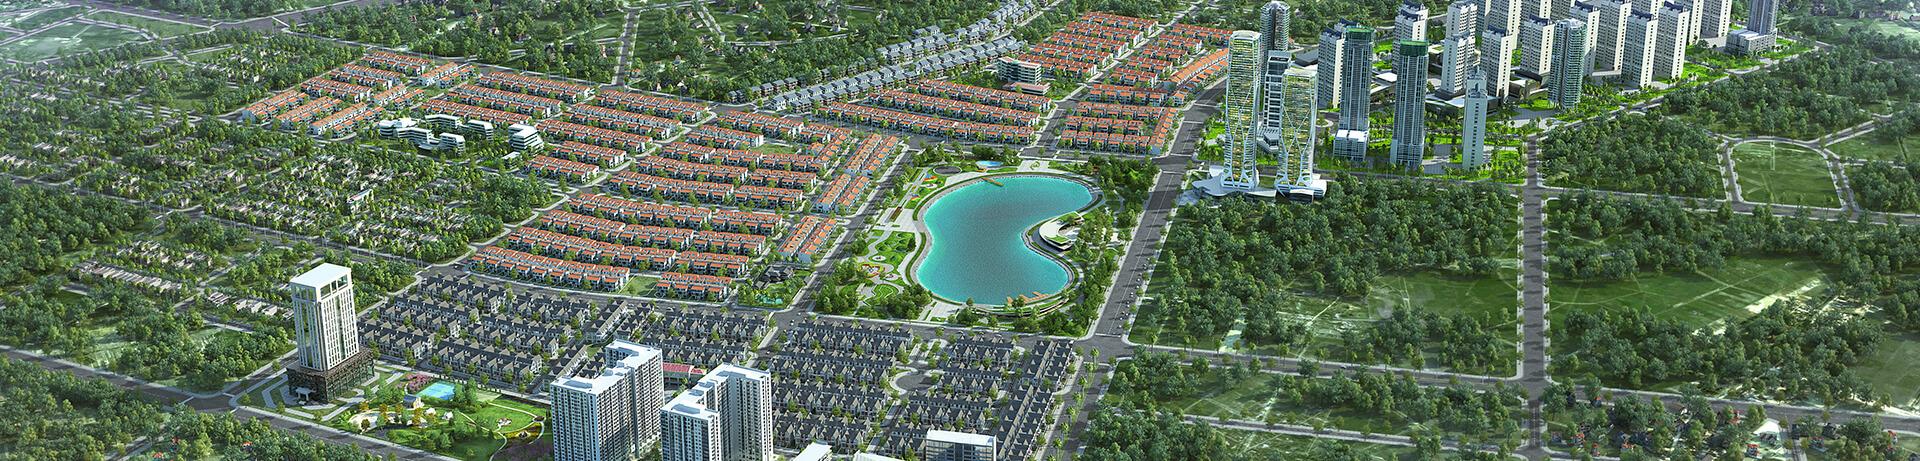 các dự án bất động sản biệt thự Nam Cường nổi bật